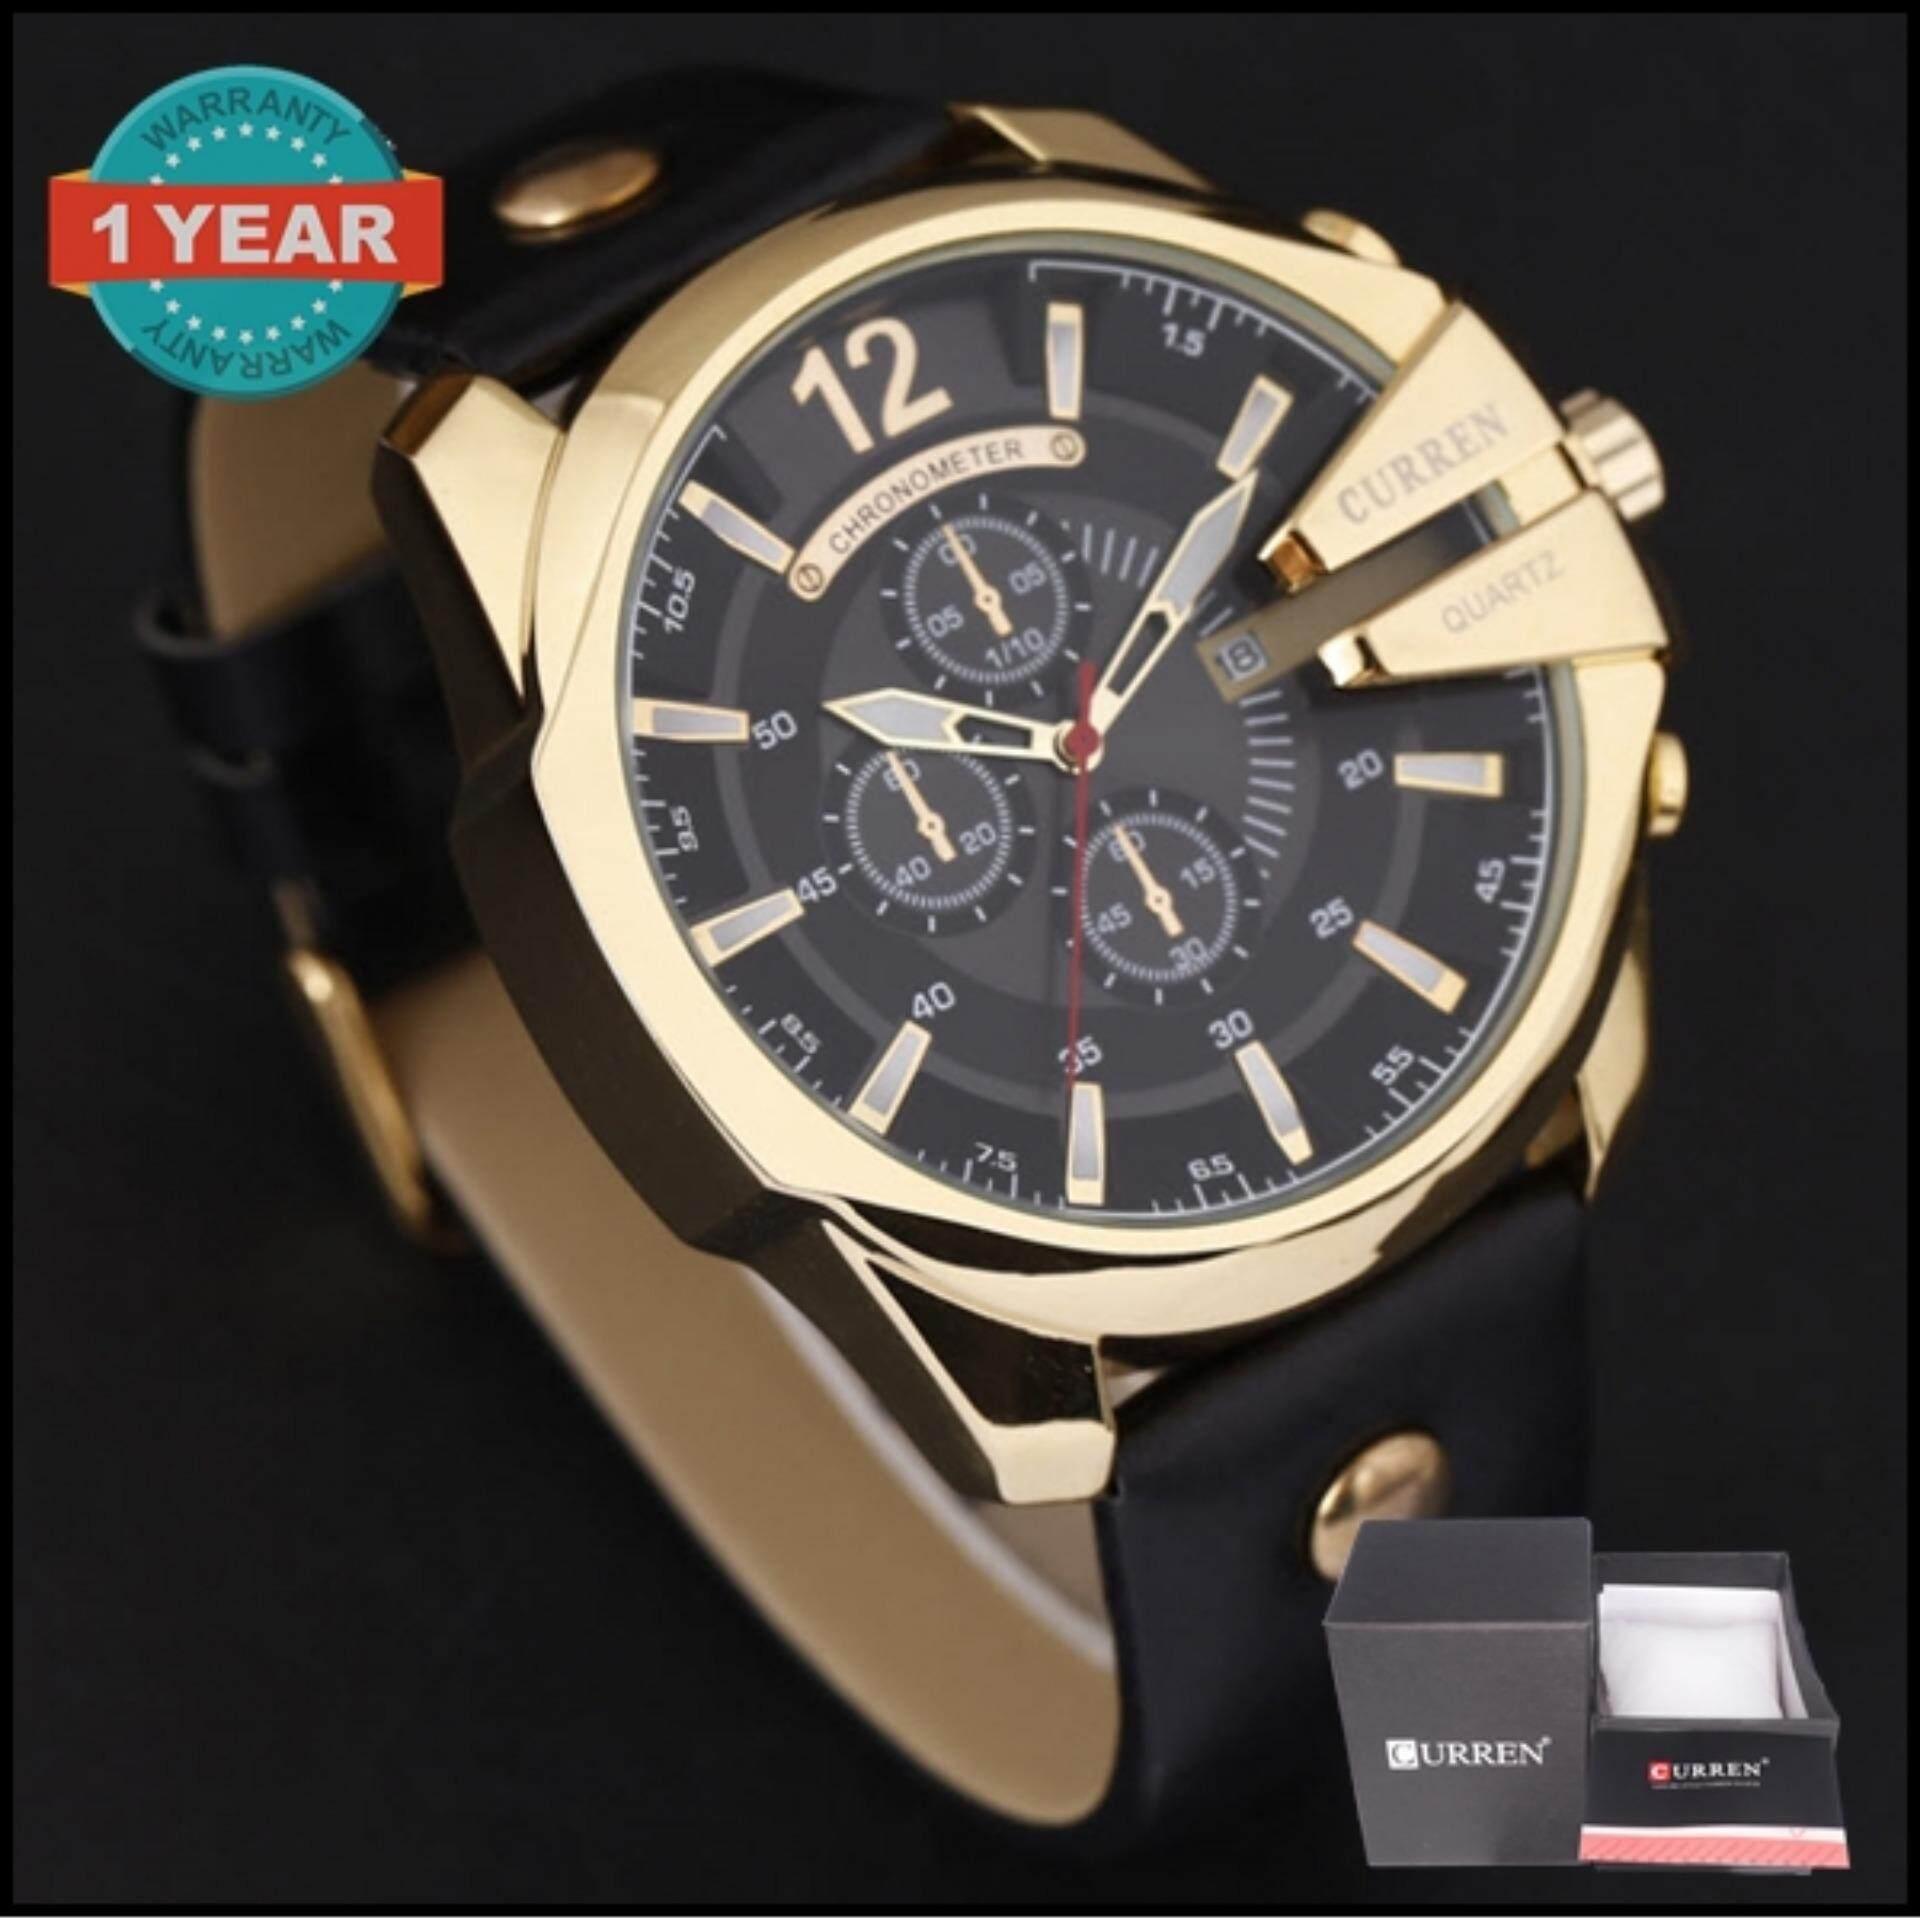 ขาย Curren นาฬิกาข้อมือผู้ชาย สายหนัง สีดำ ทอง รุ่น C8176 Curren ใน สมุทรปราการ